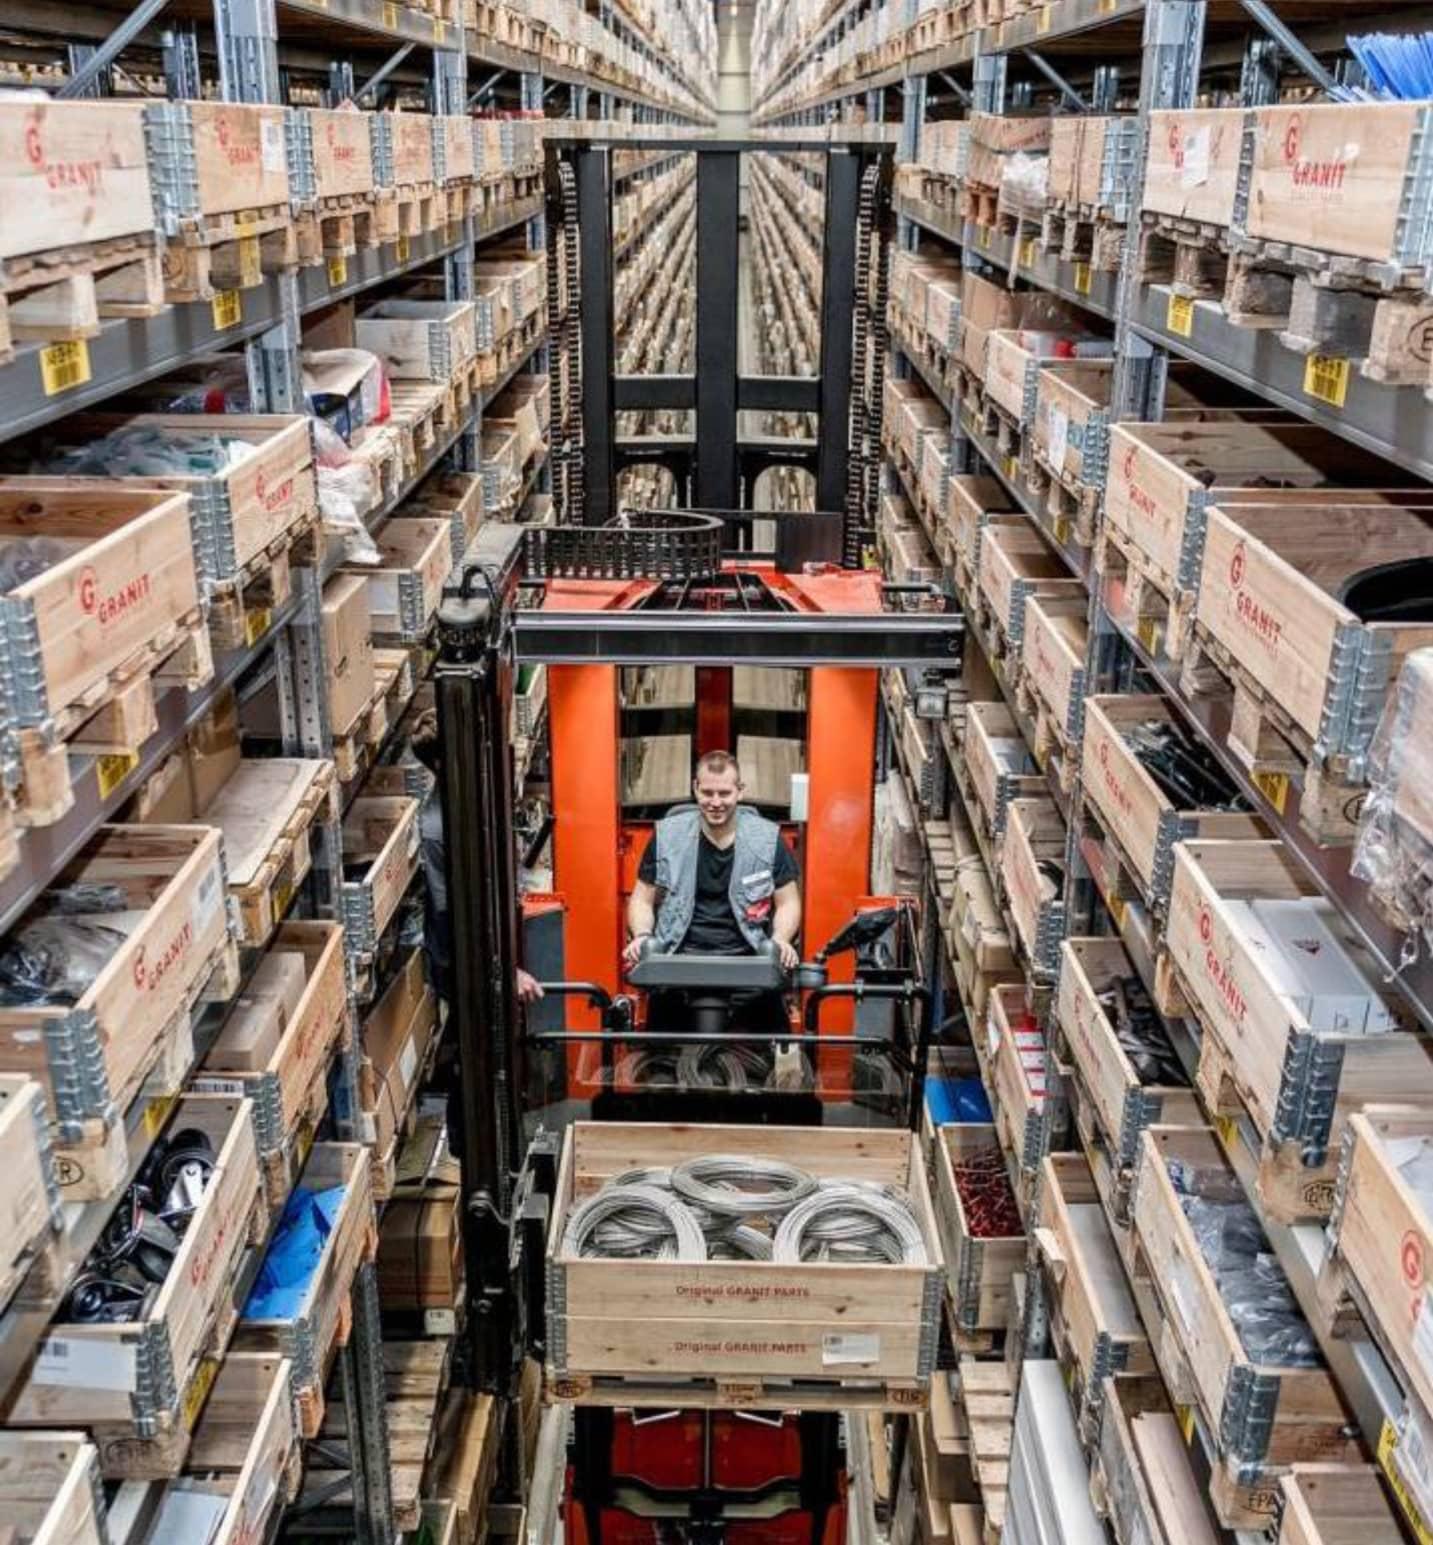 Argo Tractors And Granit Partnership Agreement Argo Tractors